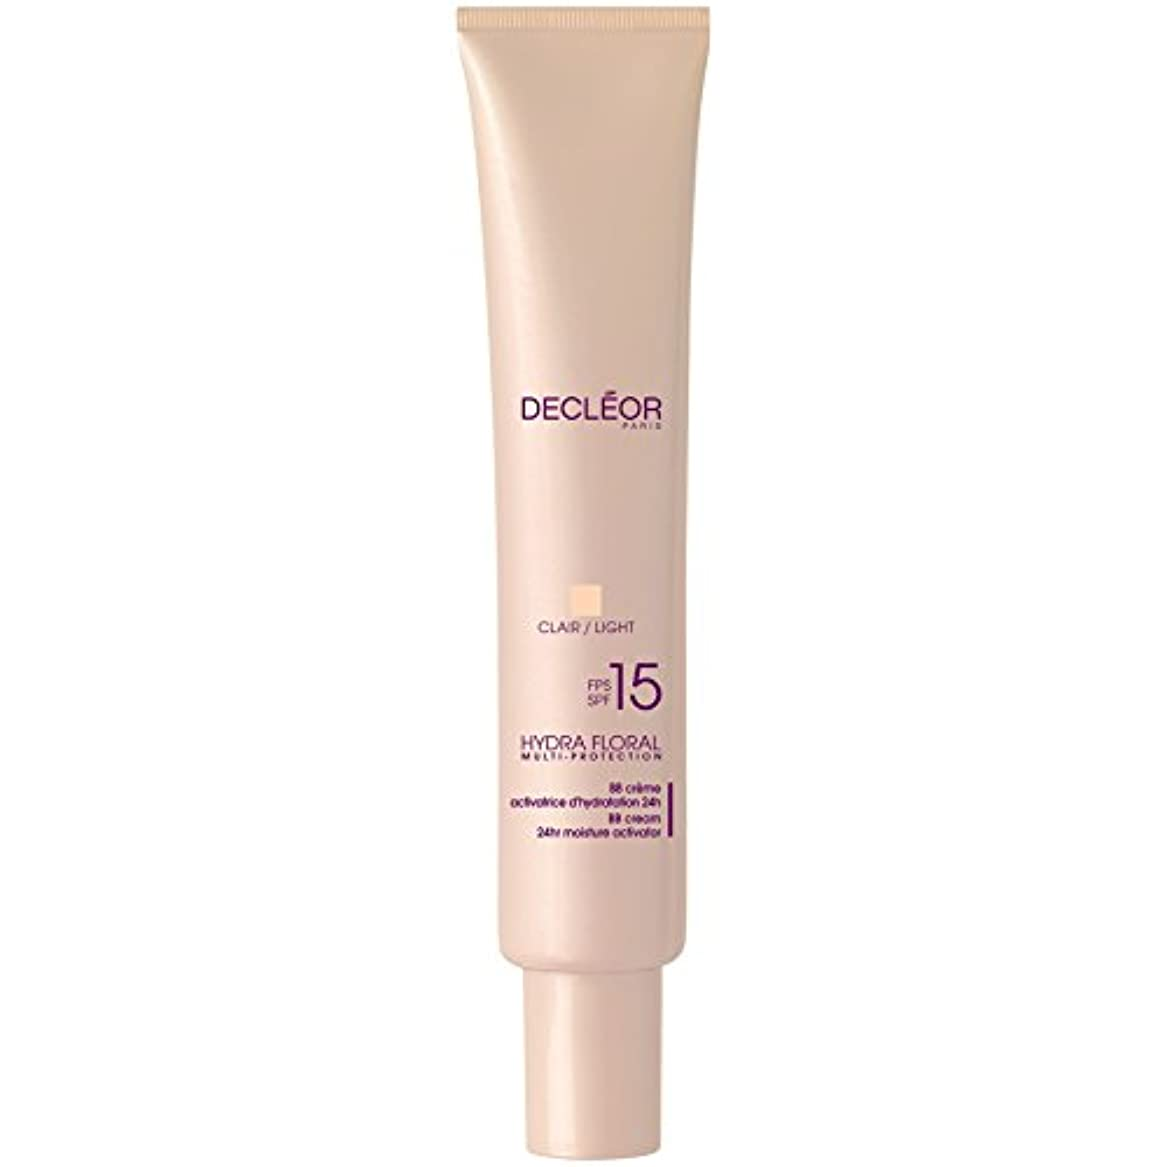 トリップティーンエイジャーエンジン[Decl?or ] デクレオールBbクリームスキンパーフェクの40Mlの光 - Decl?or BB Cream Skin Perfector 40ml Light [並行輸入品]